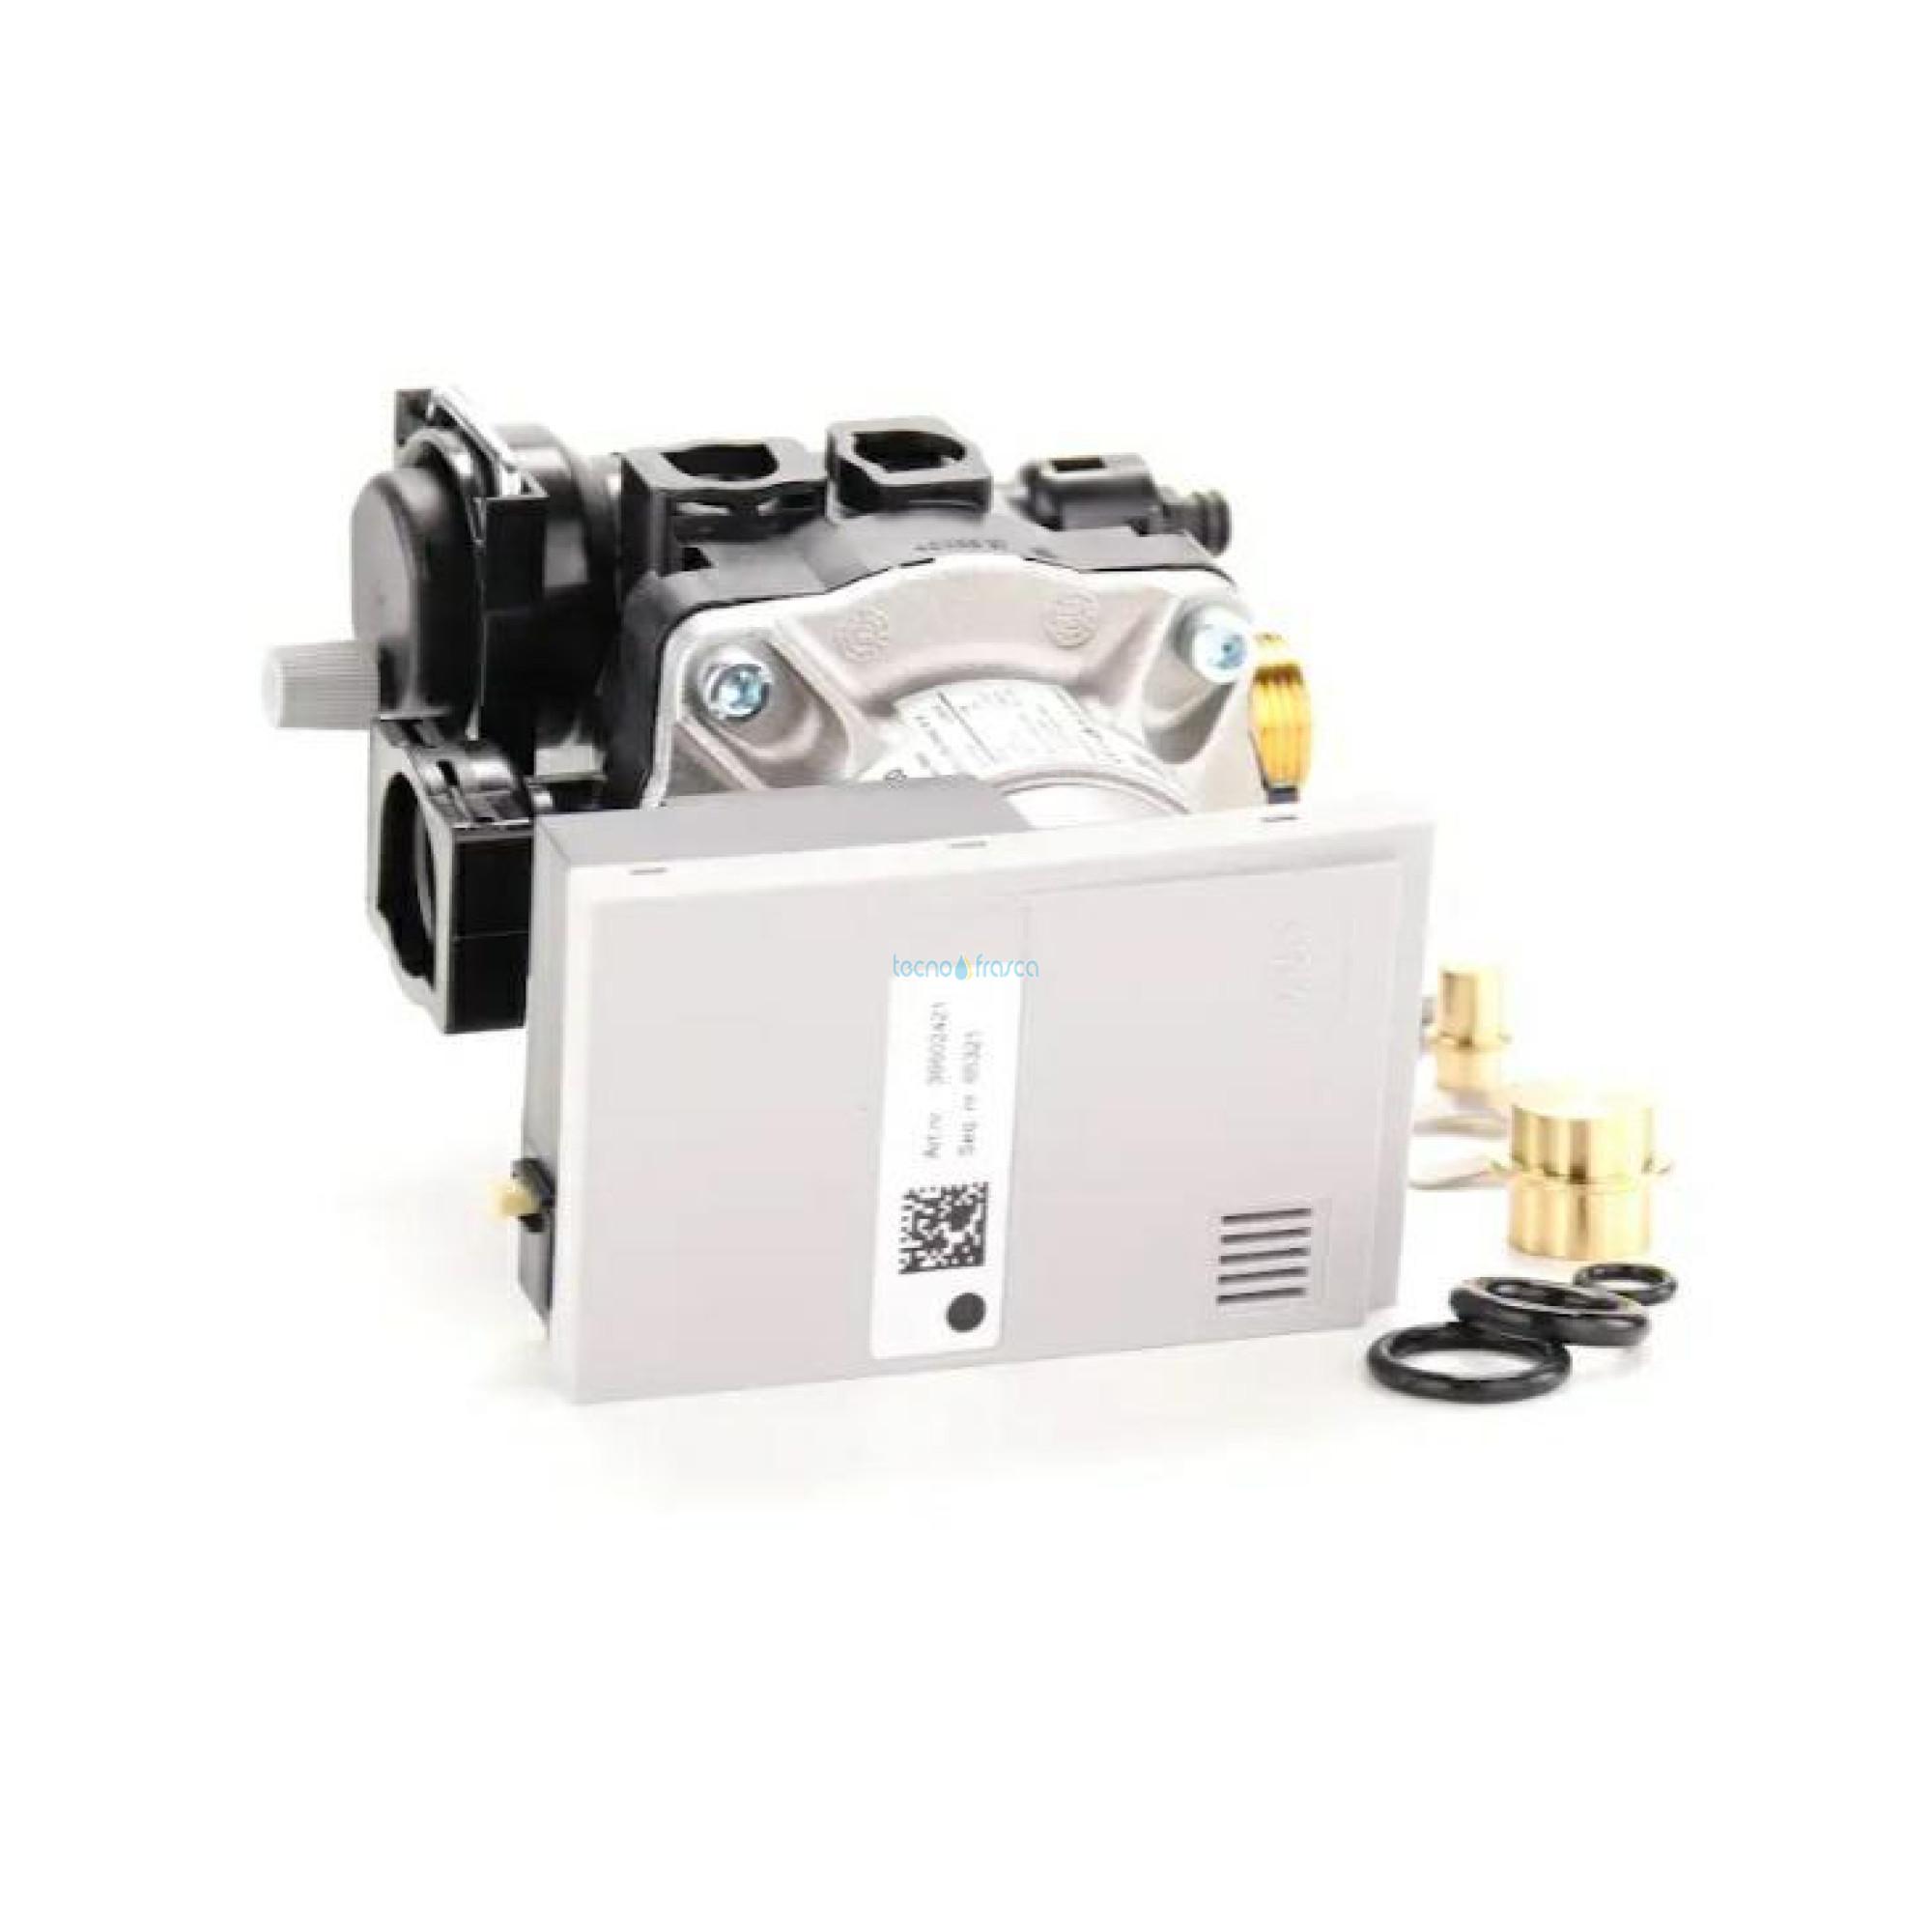 Ferroli kit pompa universale yonos 3980d881